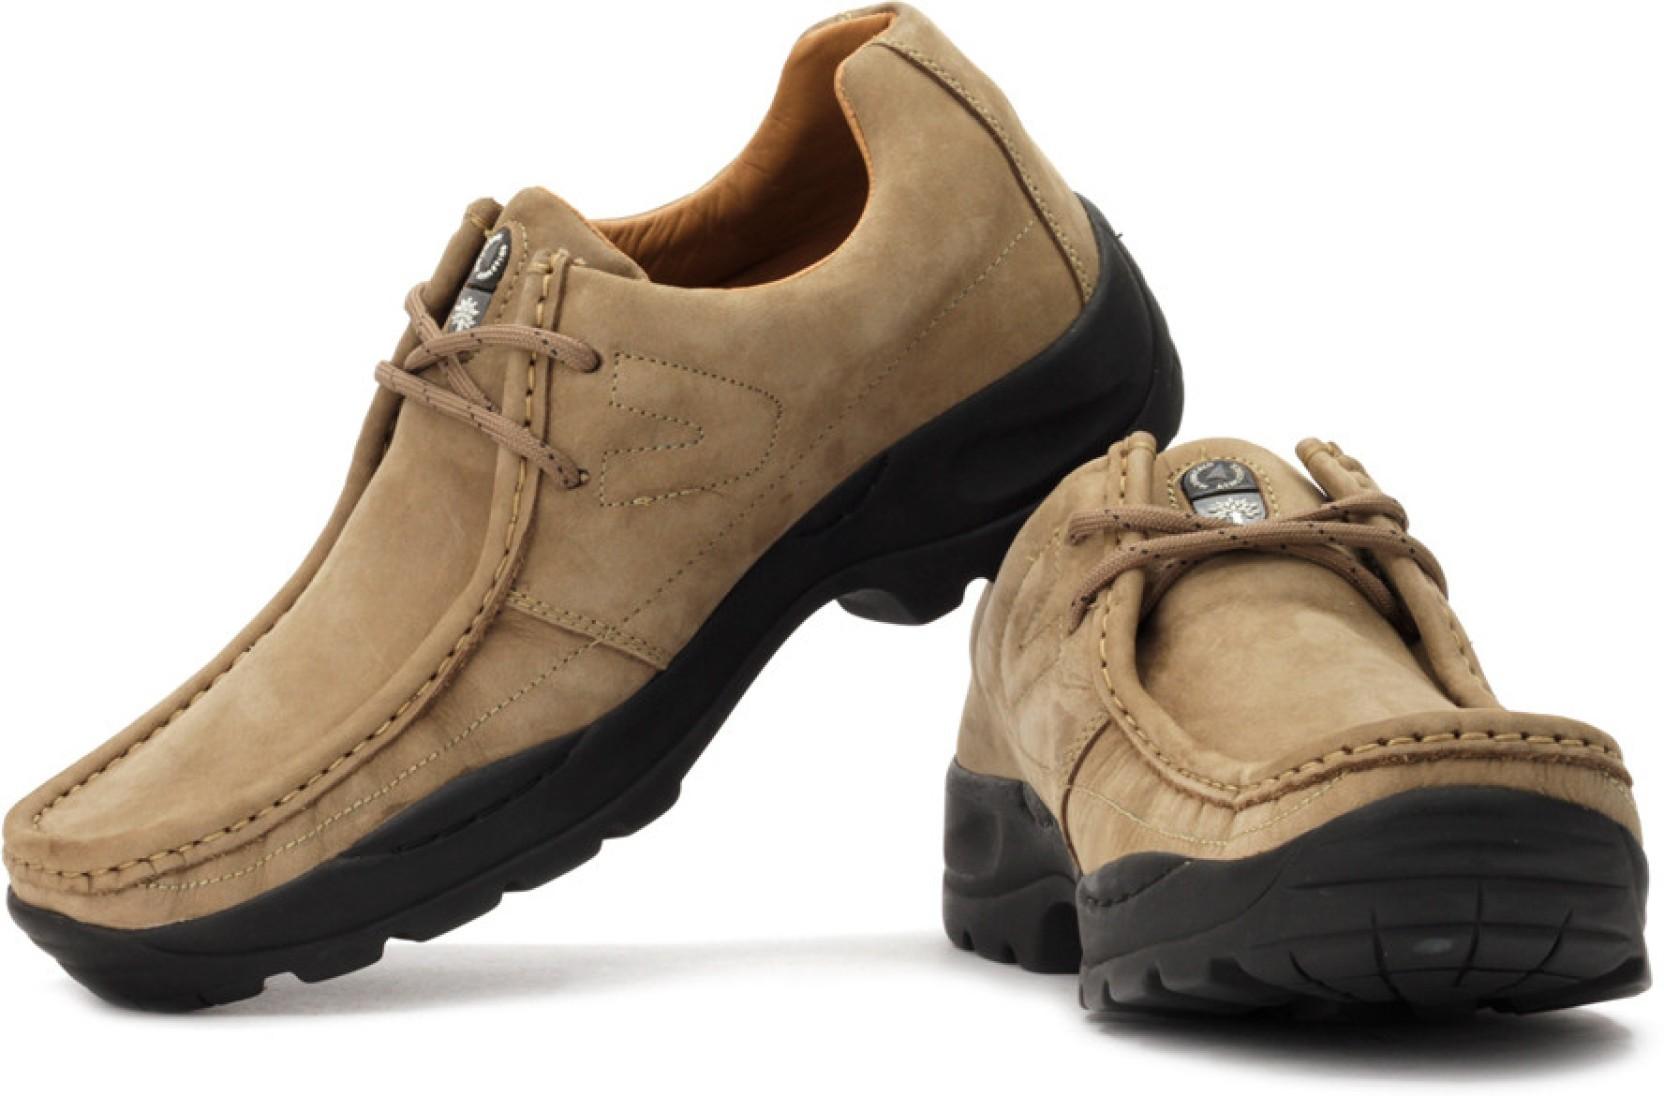 Woodland Outdoors Shoes - Buy Khaki Color Woodland ...